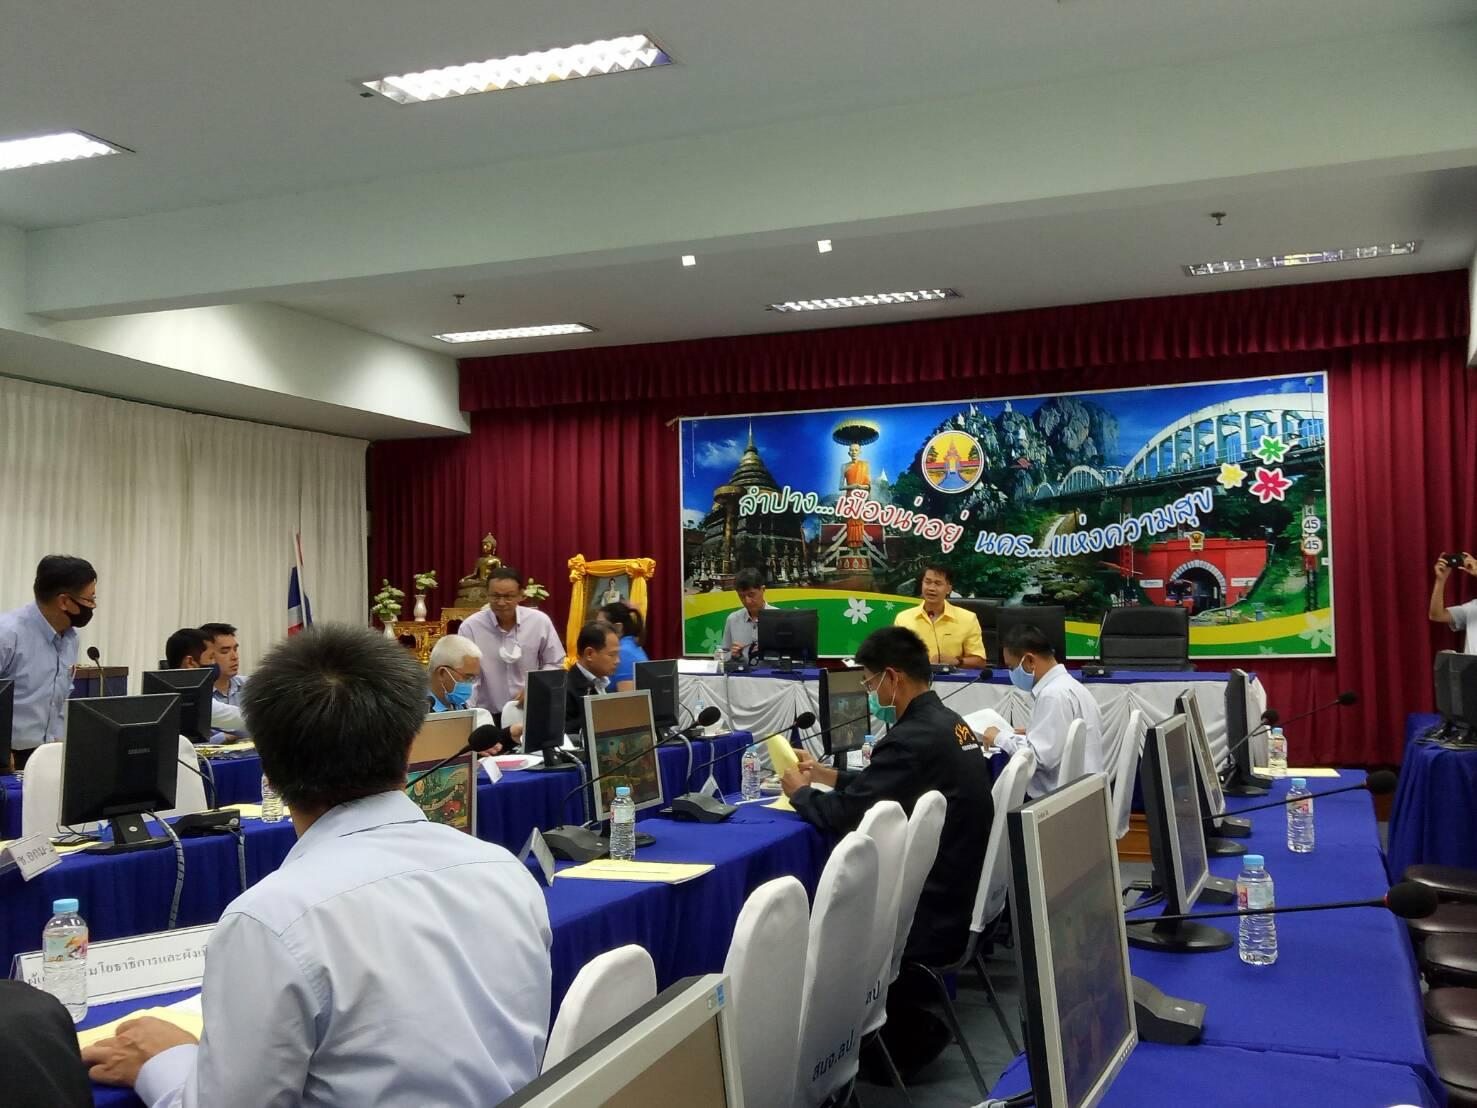 กปภ.ข.9 ร่วมประชุมคณะกรรมการอำนวยการอพยพราษฎร 5 หมู่บ้าน โครงการก่อสร้างเหมืองแม่เมาะ จ.ลำปาง